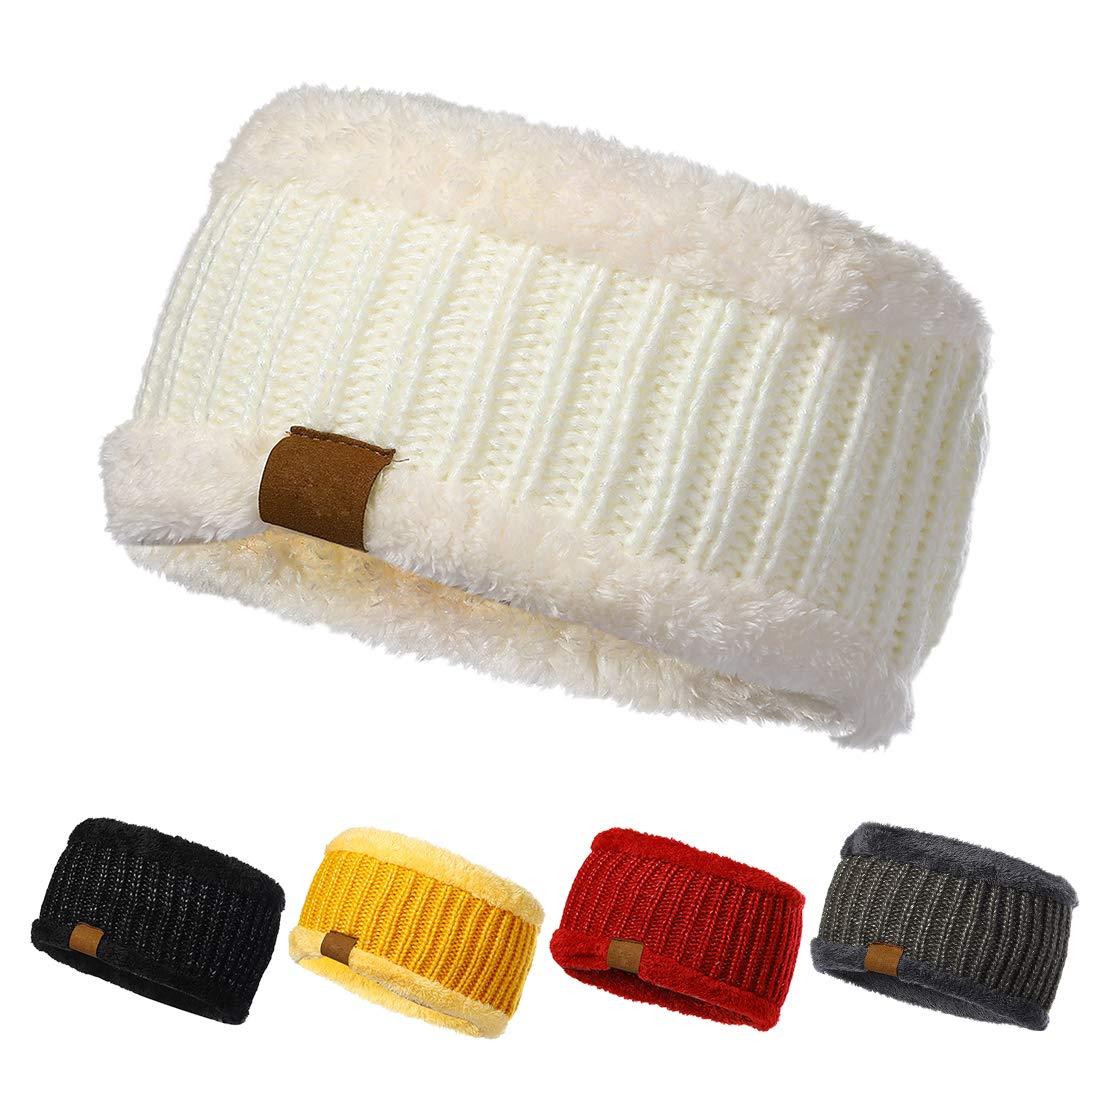 Womens Cable Knit Headband, Winter Fleece Lined Headwrap,Soft Stretch Ear Warmer (9009-04)